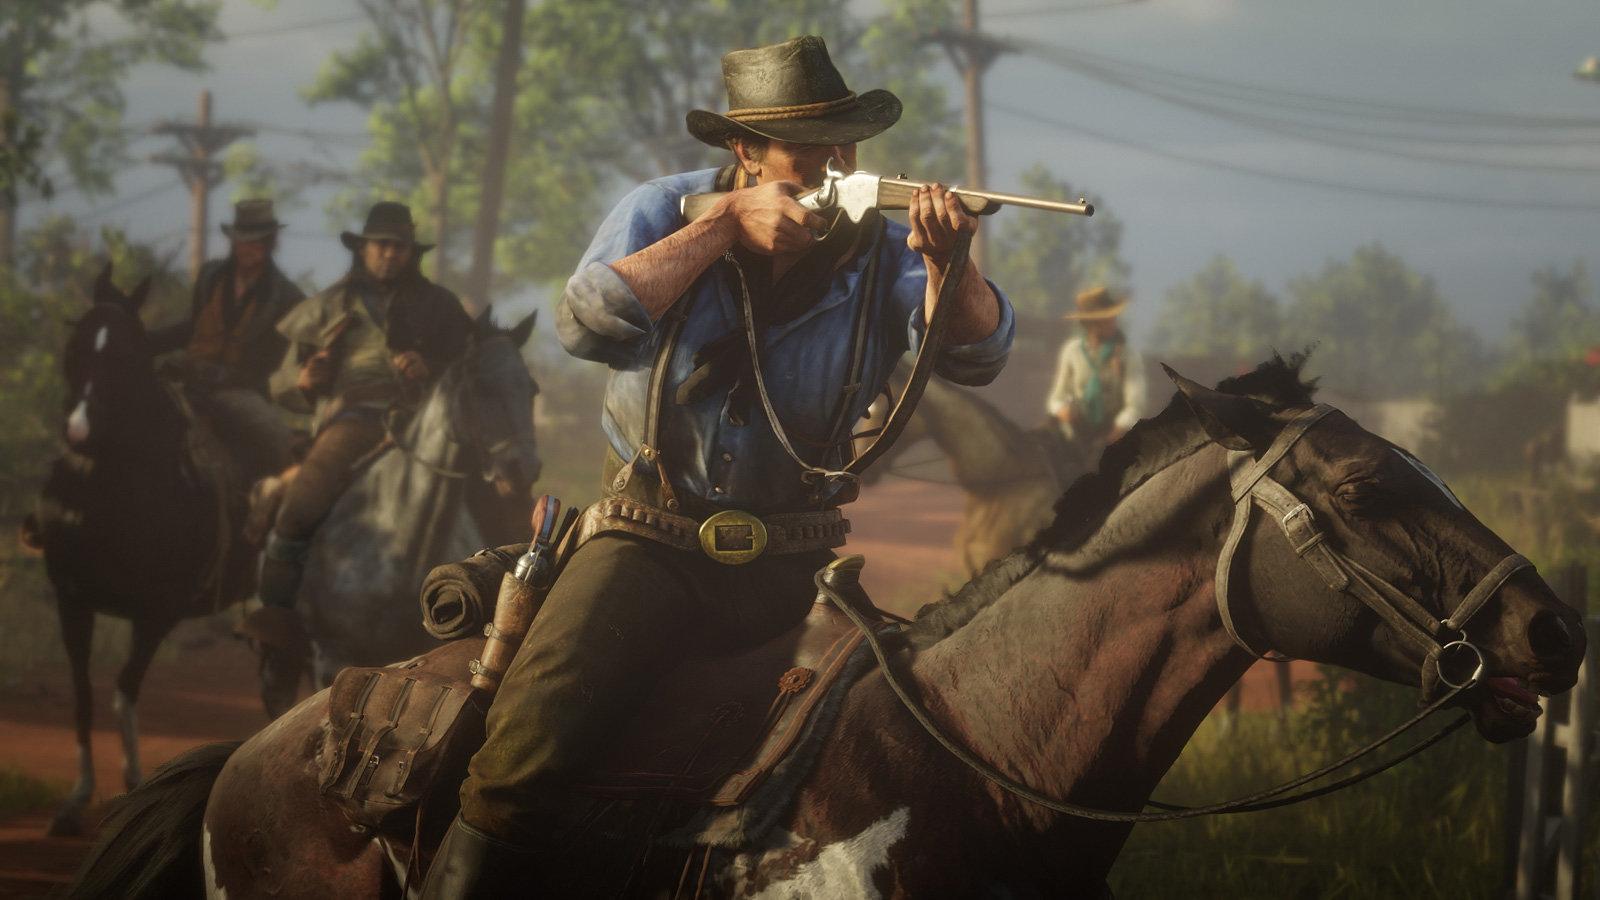 Red Dead Redemption 2 jau pavisam drīz uz PC